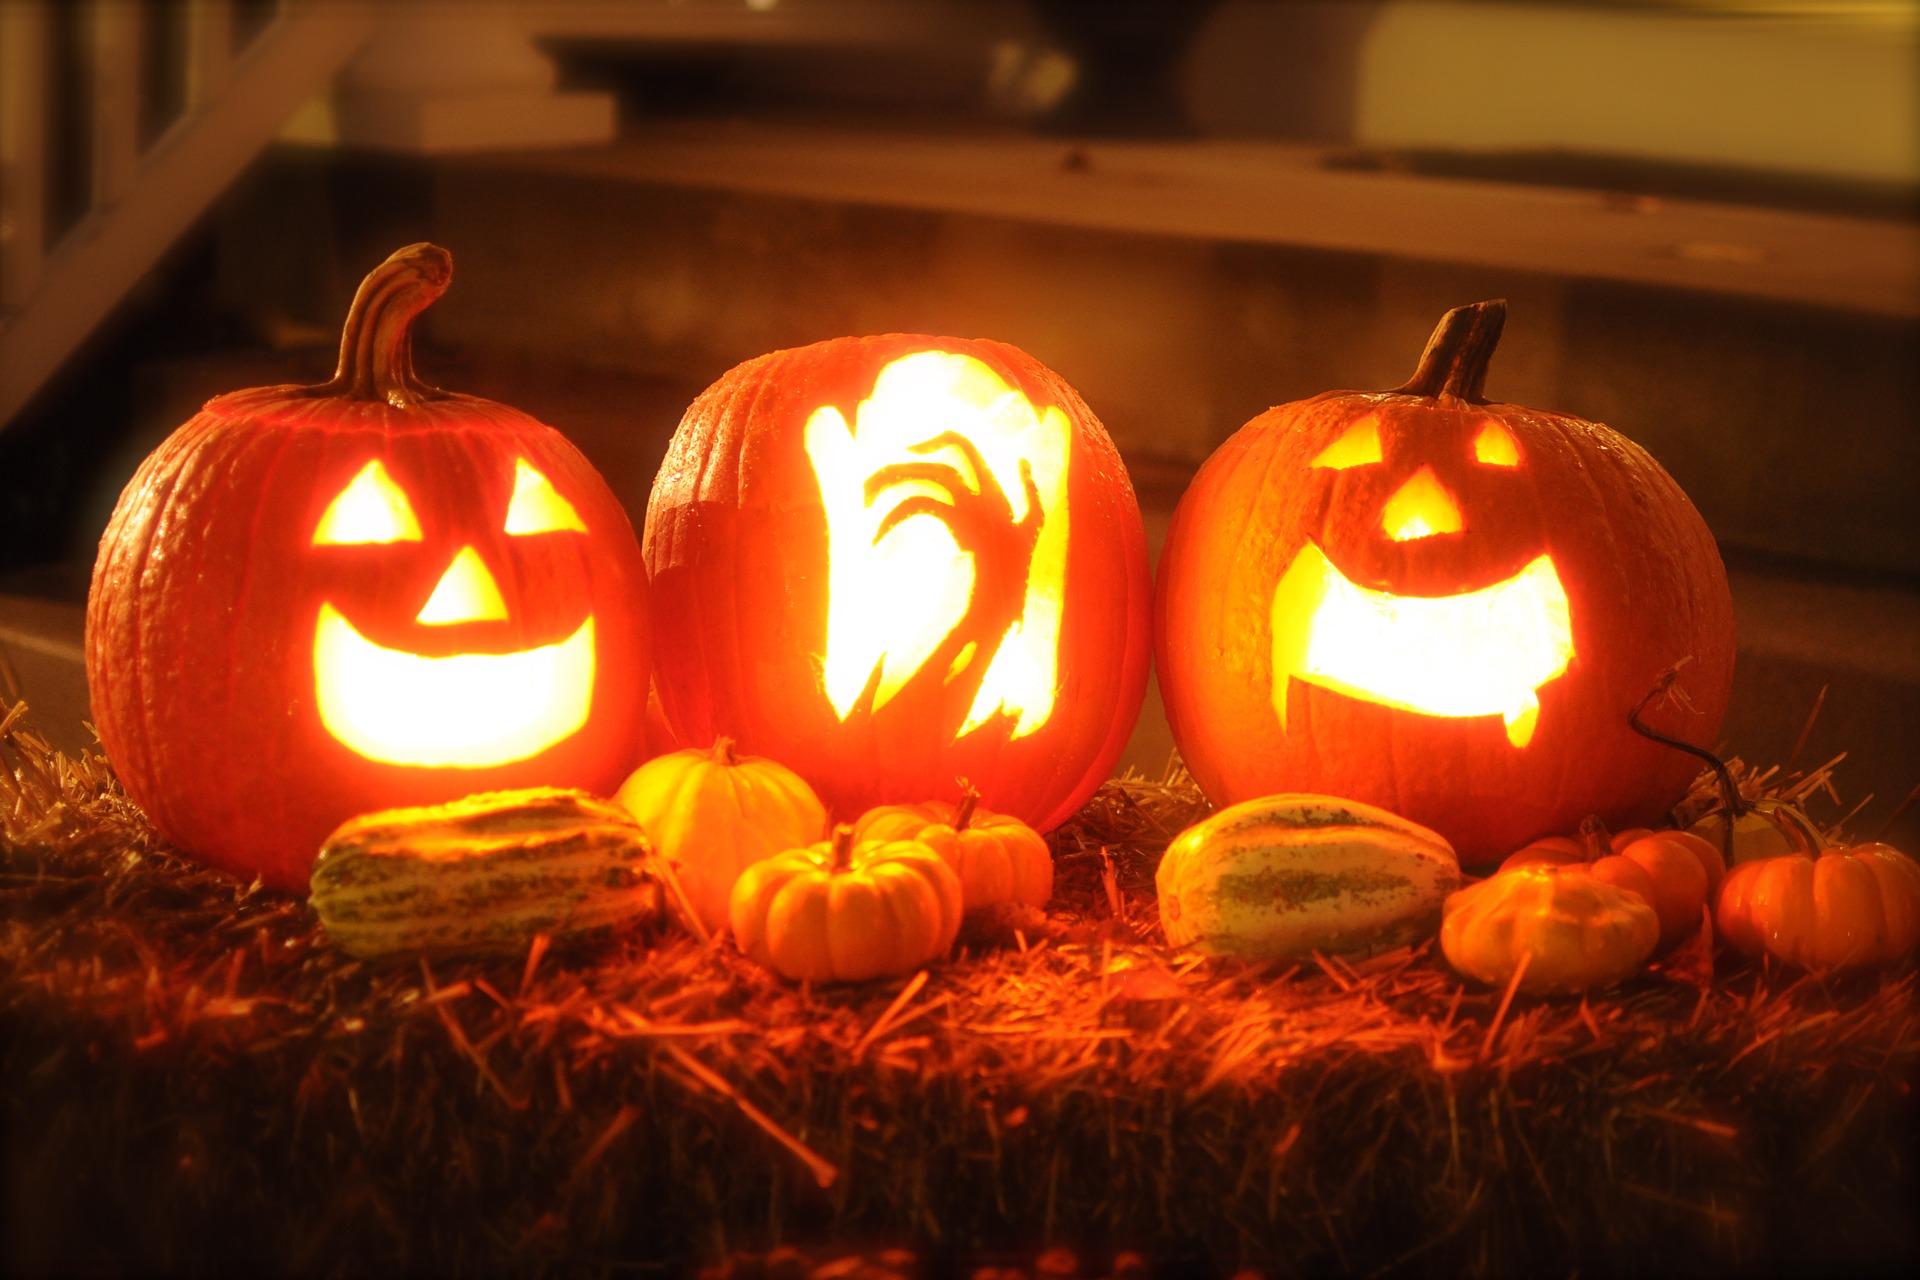 Halloween Dekoration aus kleinen Kürbissen und drei geschnitzten beleuchteten Kürbissen auf einem Heuballen.